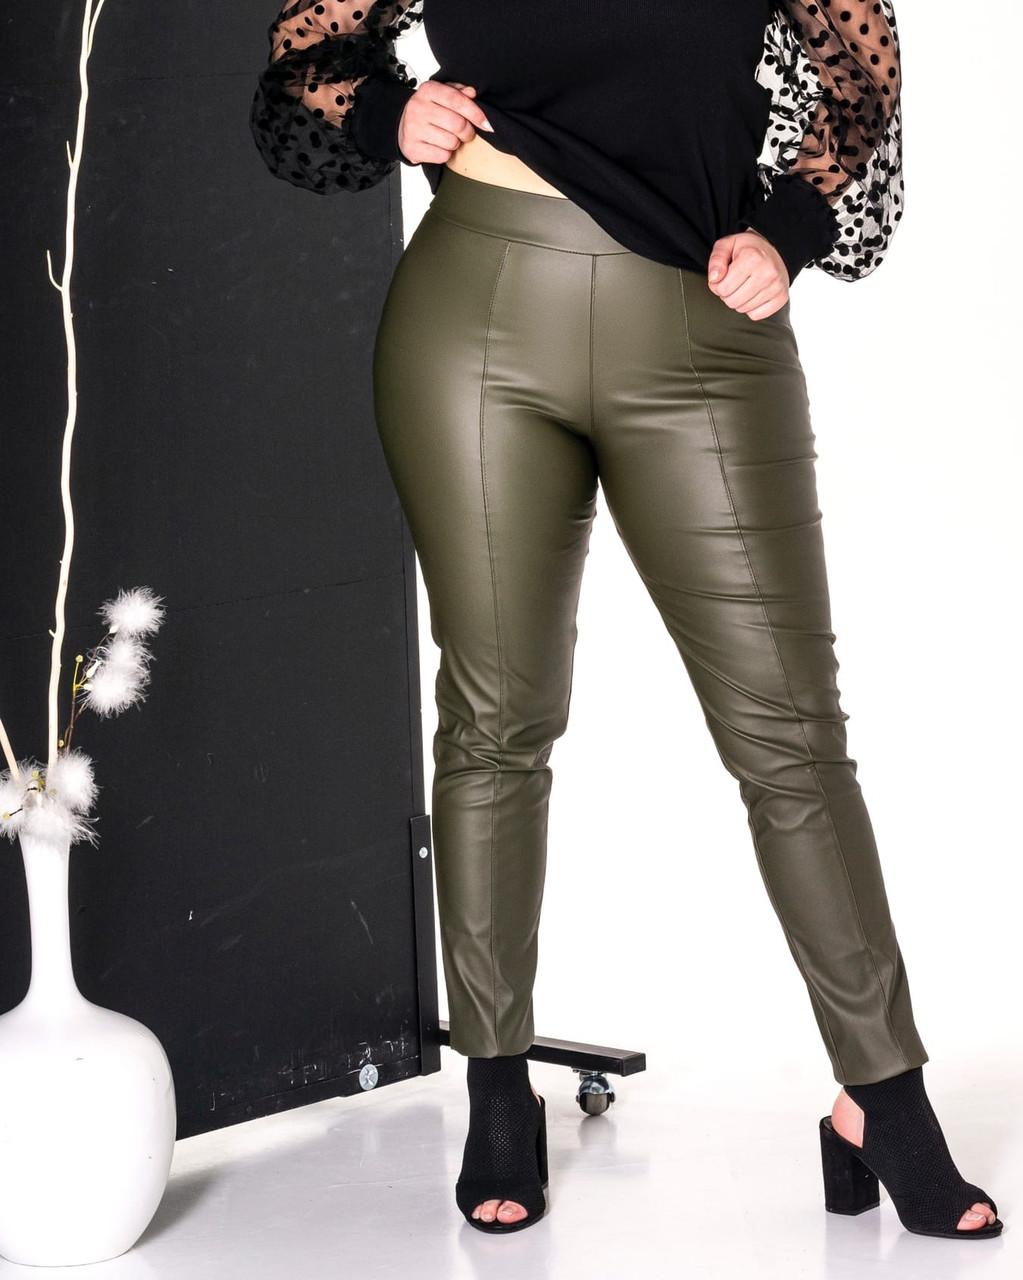 Жіночі стильні завужені шкіряні штани, зі стрілками спереду, норма та батал великі розміри